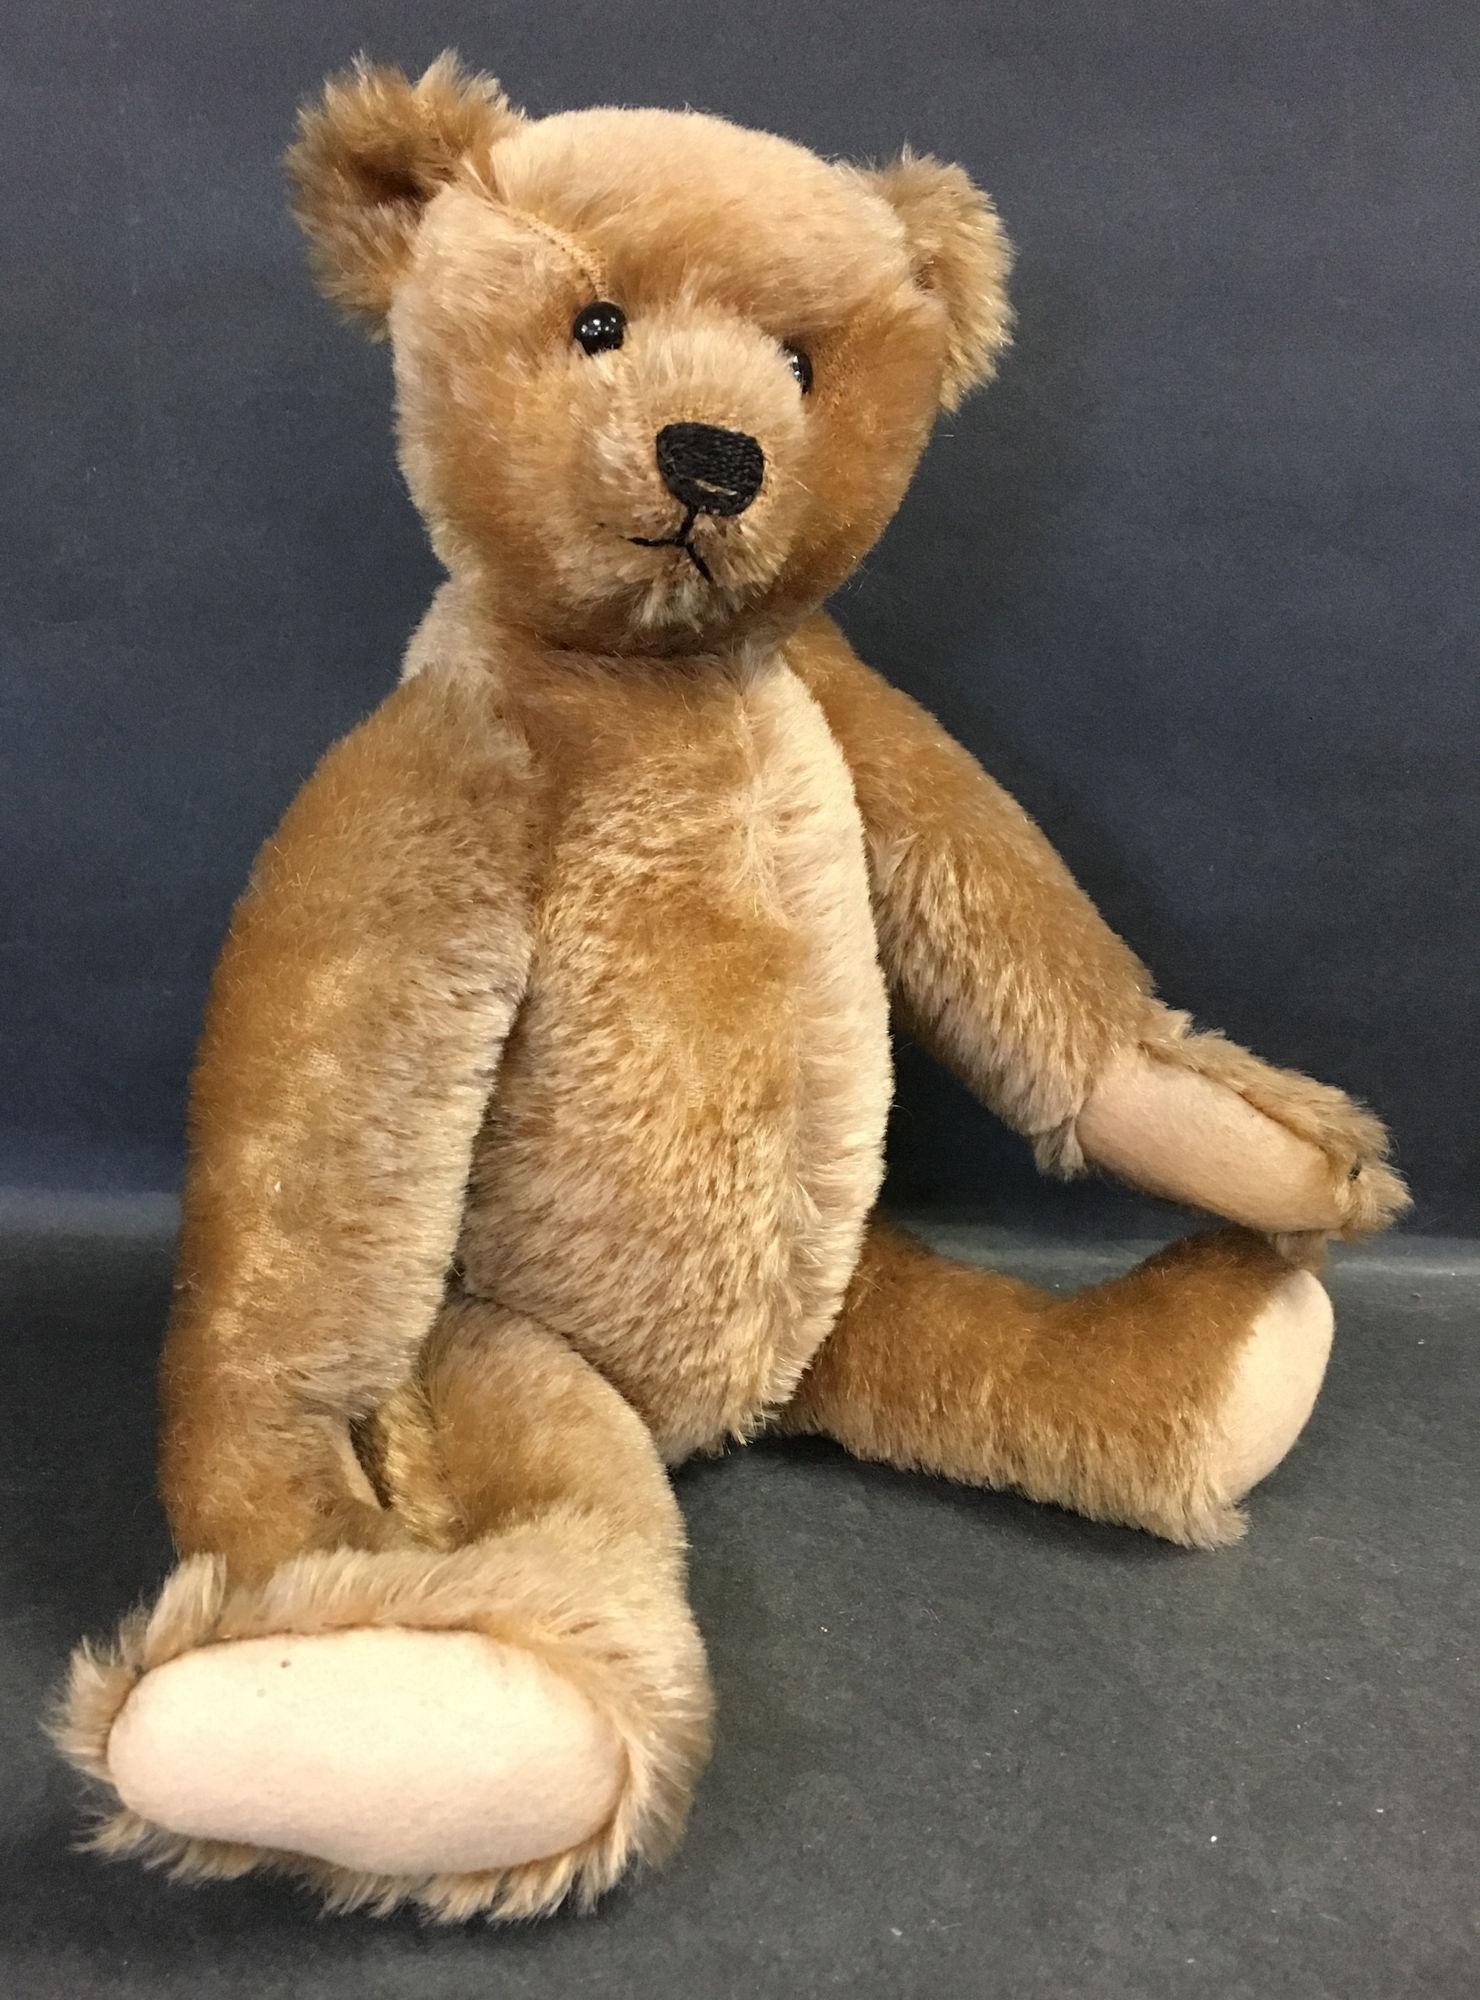 EARLY STEIFF CARAMEL MOHAIR TEDDY BEAR. DISK JOINTED AT